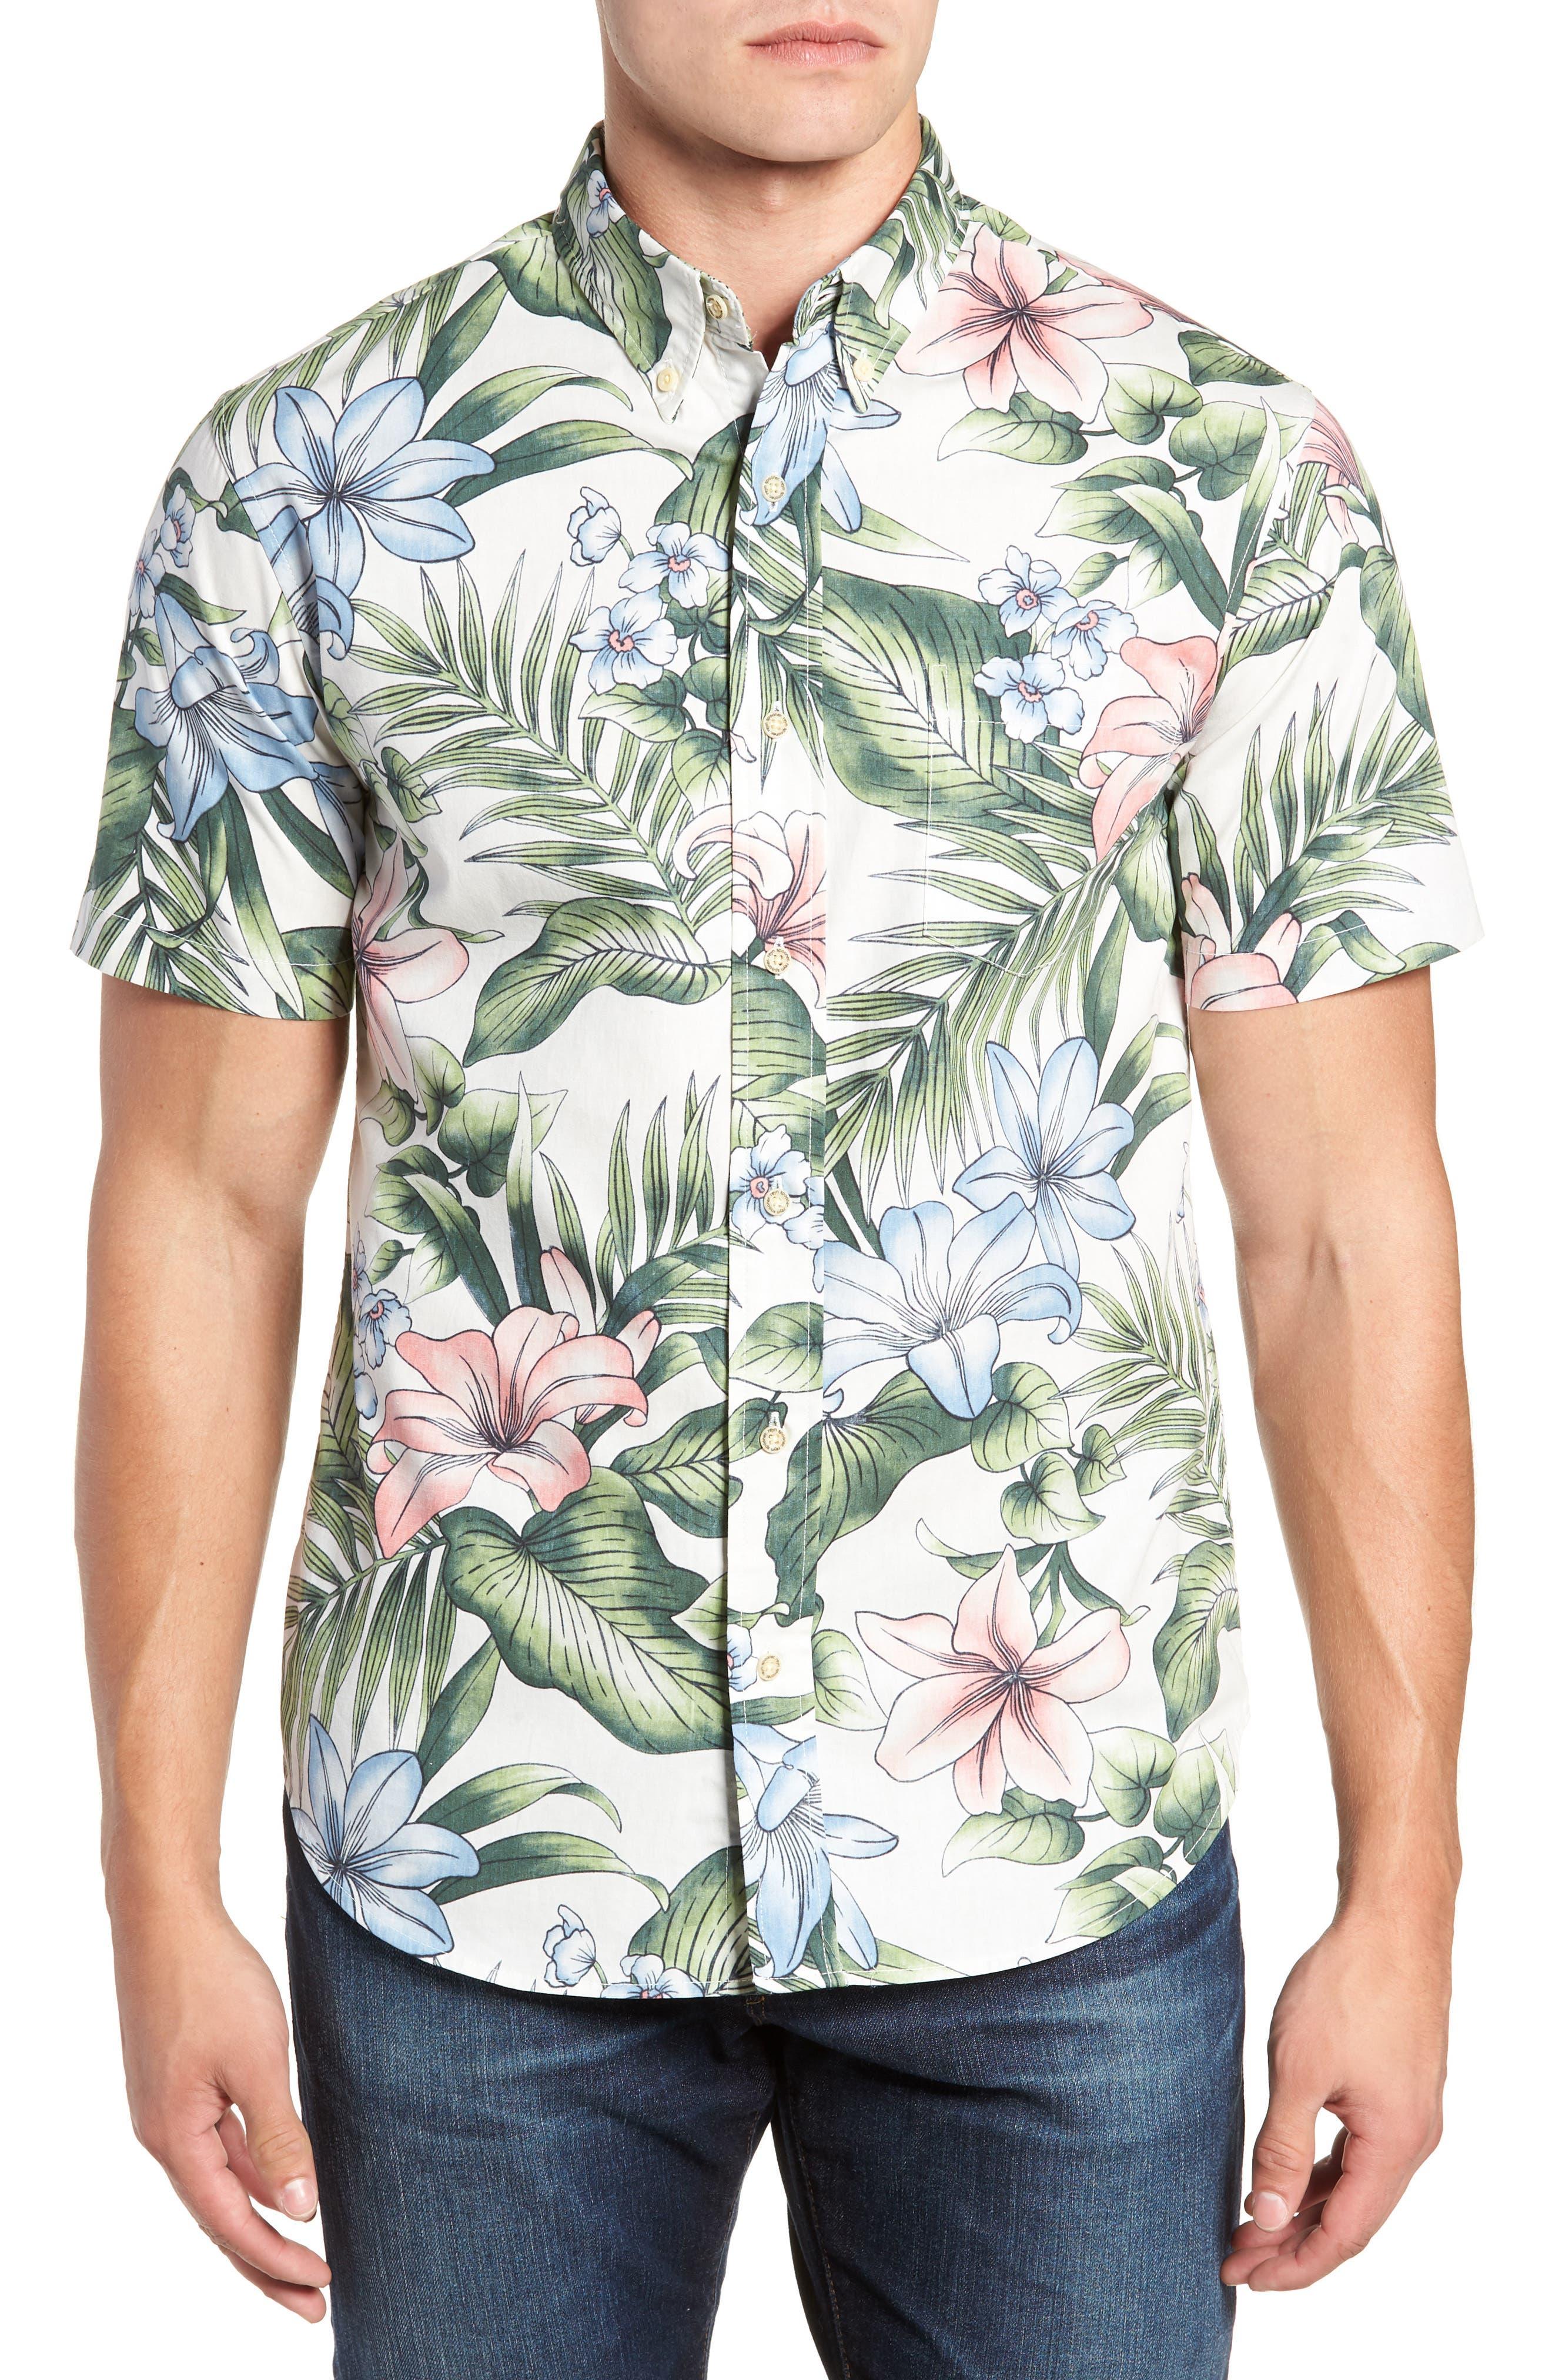 Uluhehi Regular Fit Sport Shirt,                         Main,                         color, 104